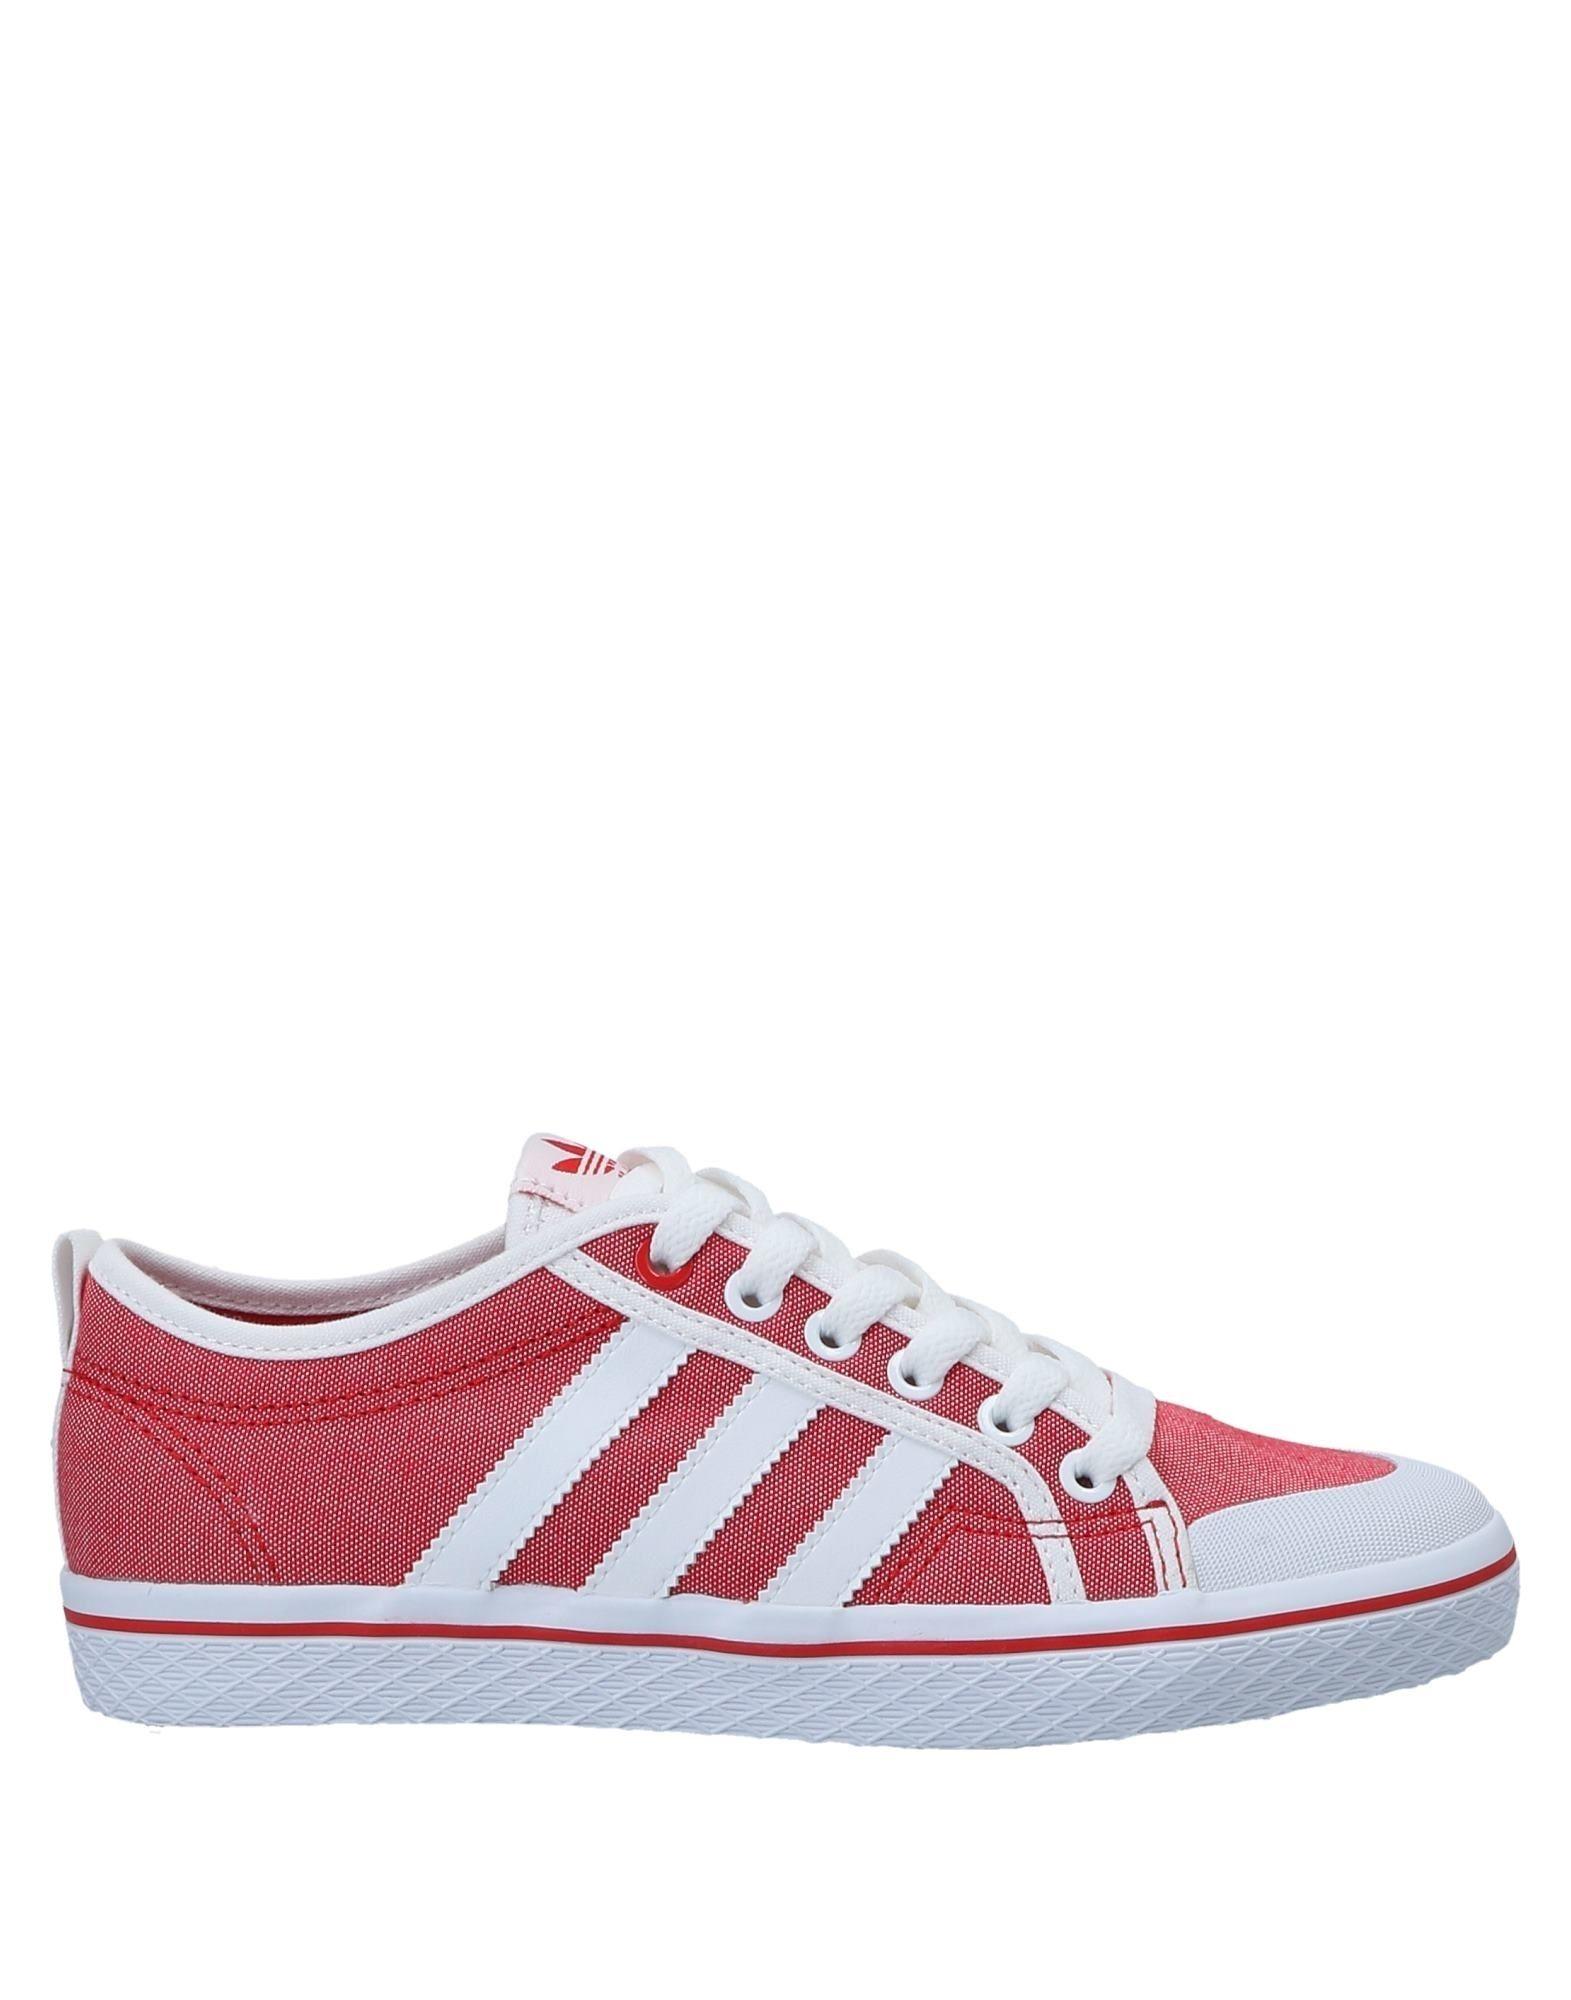 Sneakers Adidas Originals Donna - 11552196LA